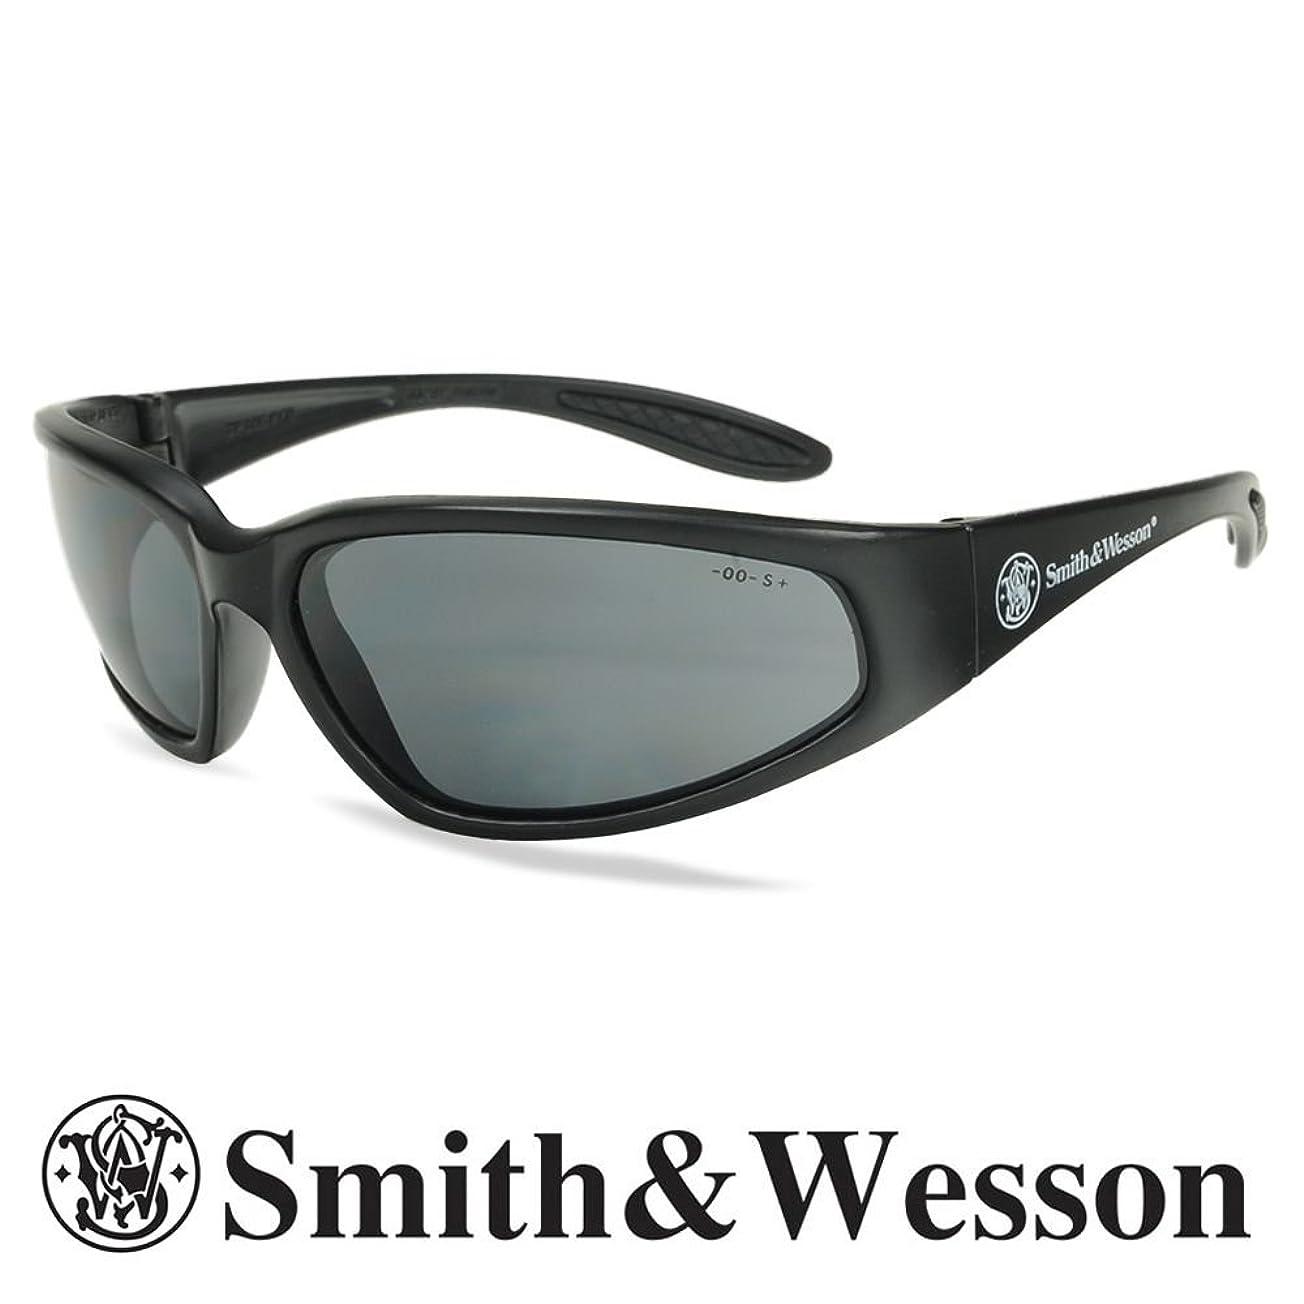 気をつけてガチョウ部屋を掃除する[Smith & Wesson] S&W スミス&ウェッソン 38 Specials 38スペシャル UVカットサングラス [ブラックスモークレンズ]